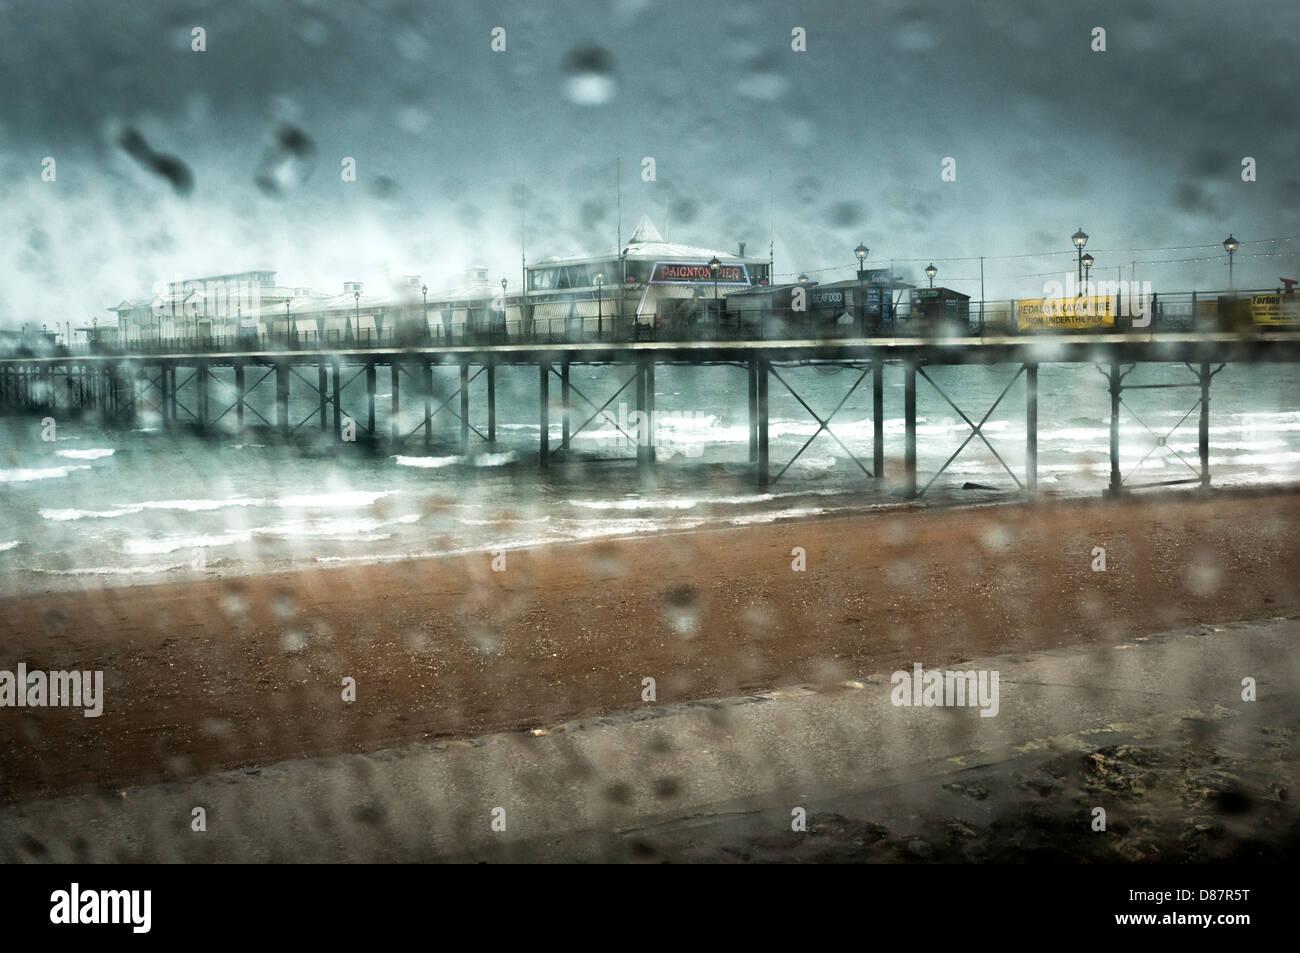 La jetée de Paignton sur un jour pluvieux de printemps/été, England, UK Banque D'Images